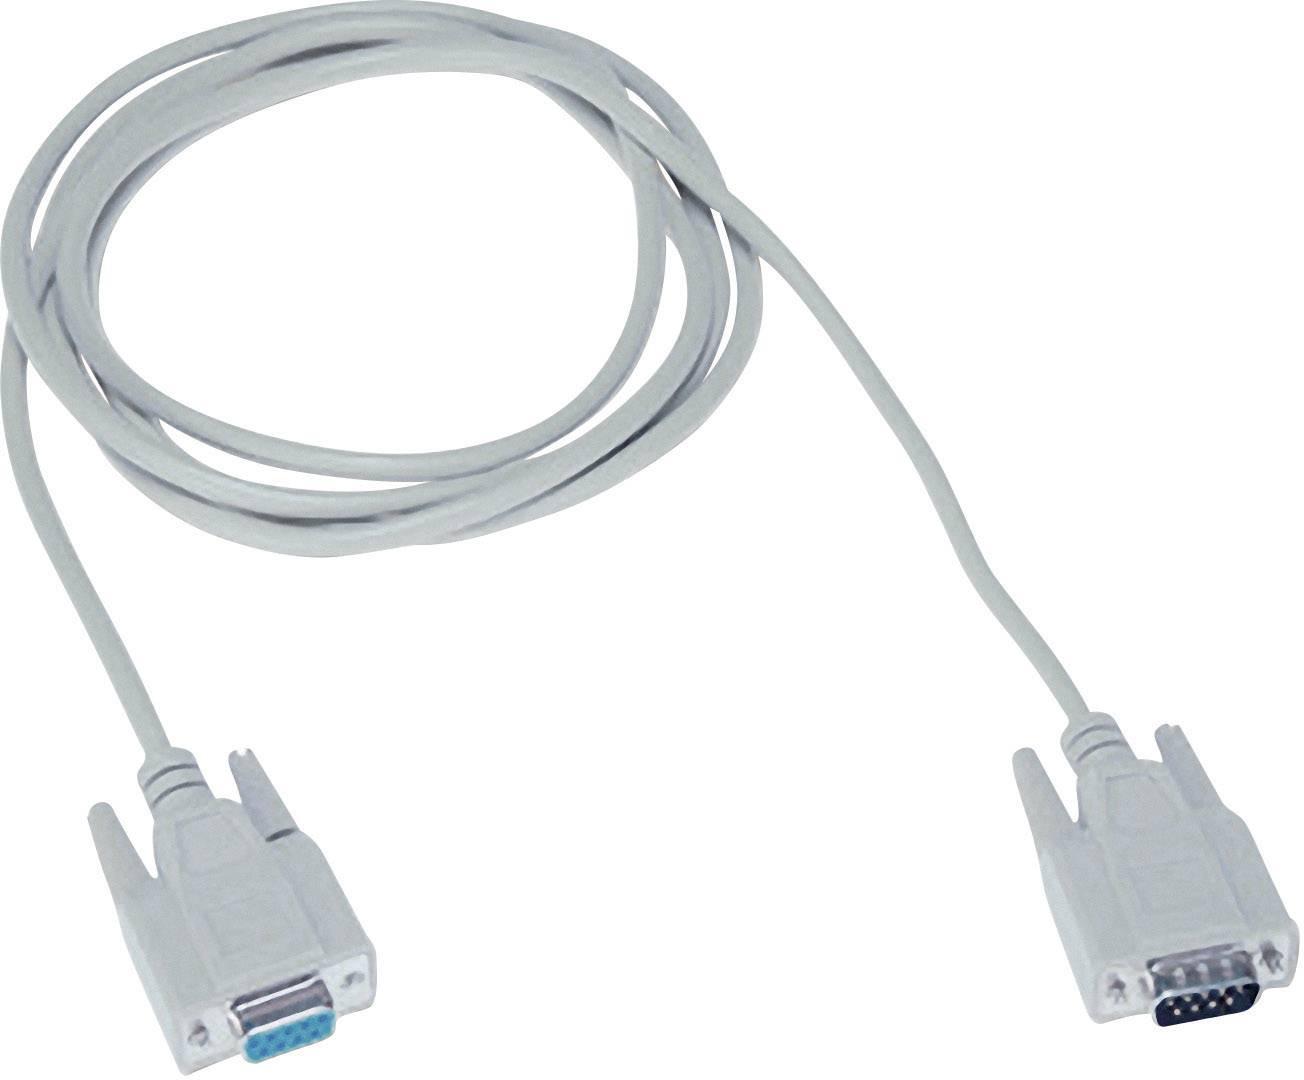 Kabel pro sériové rozhraní RS 232 Metrel, 83002914